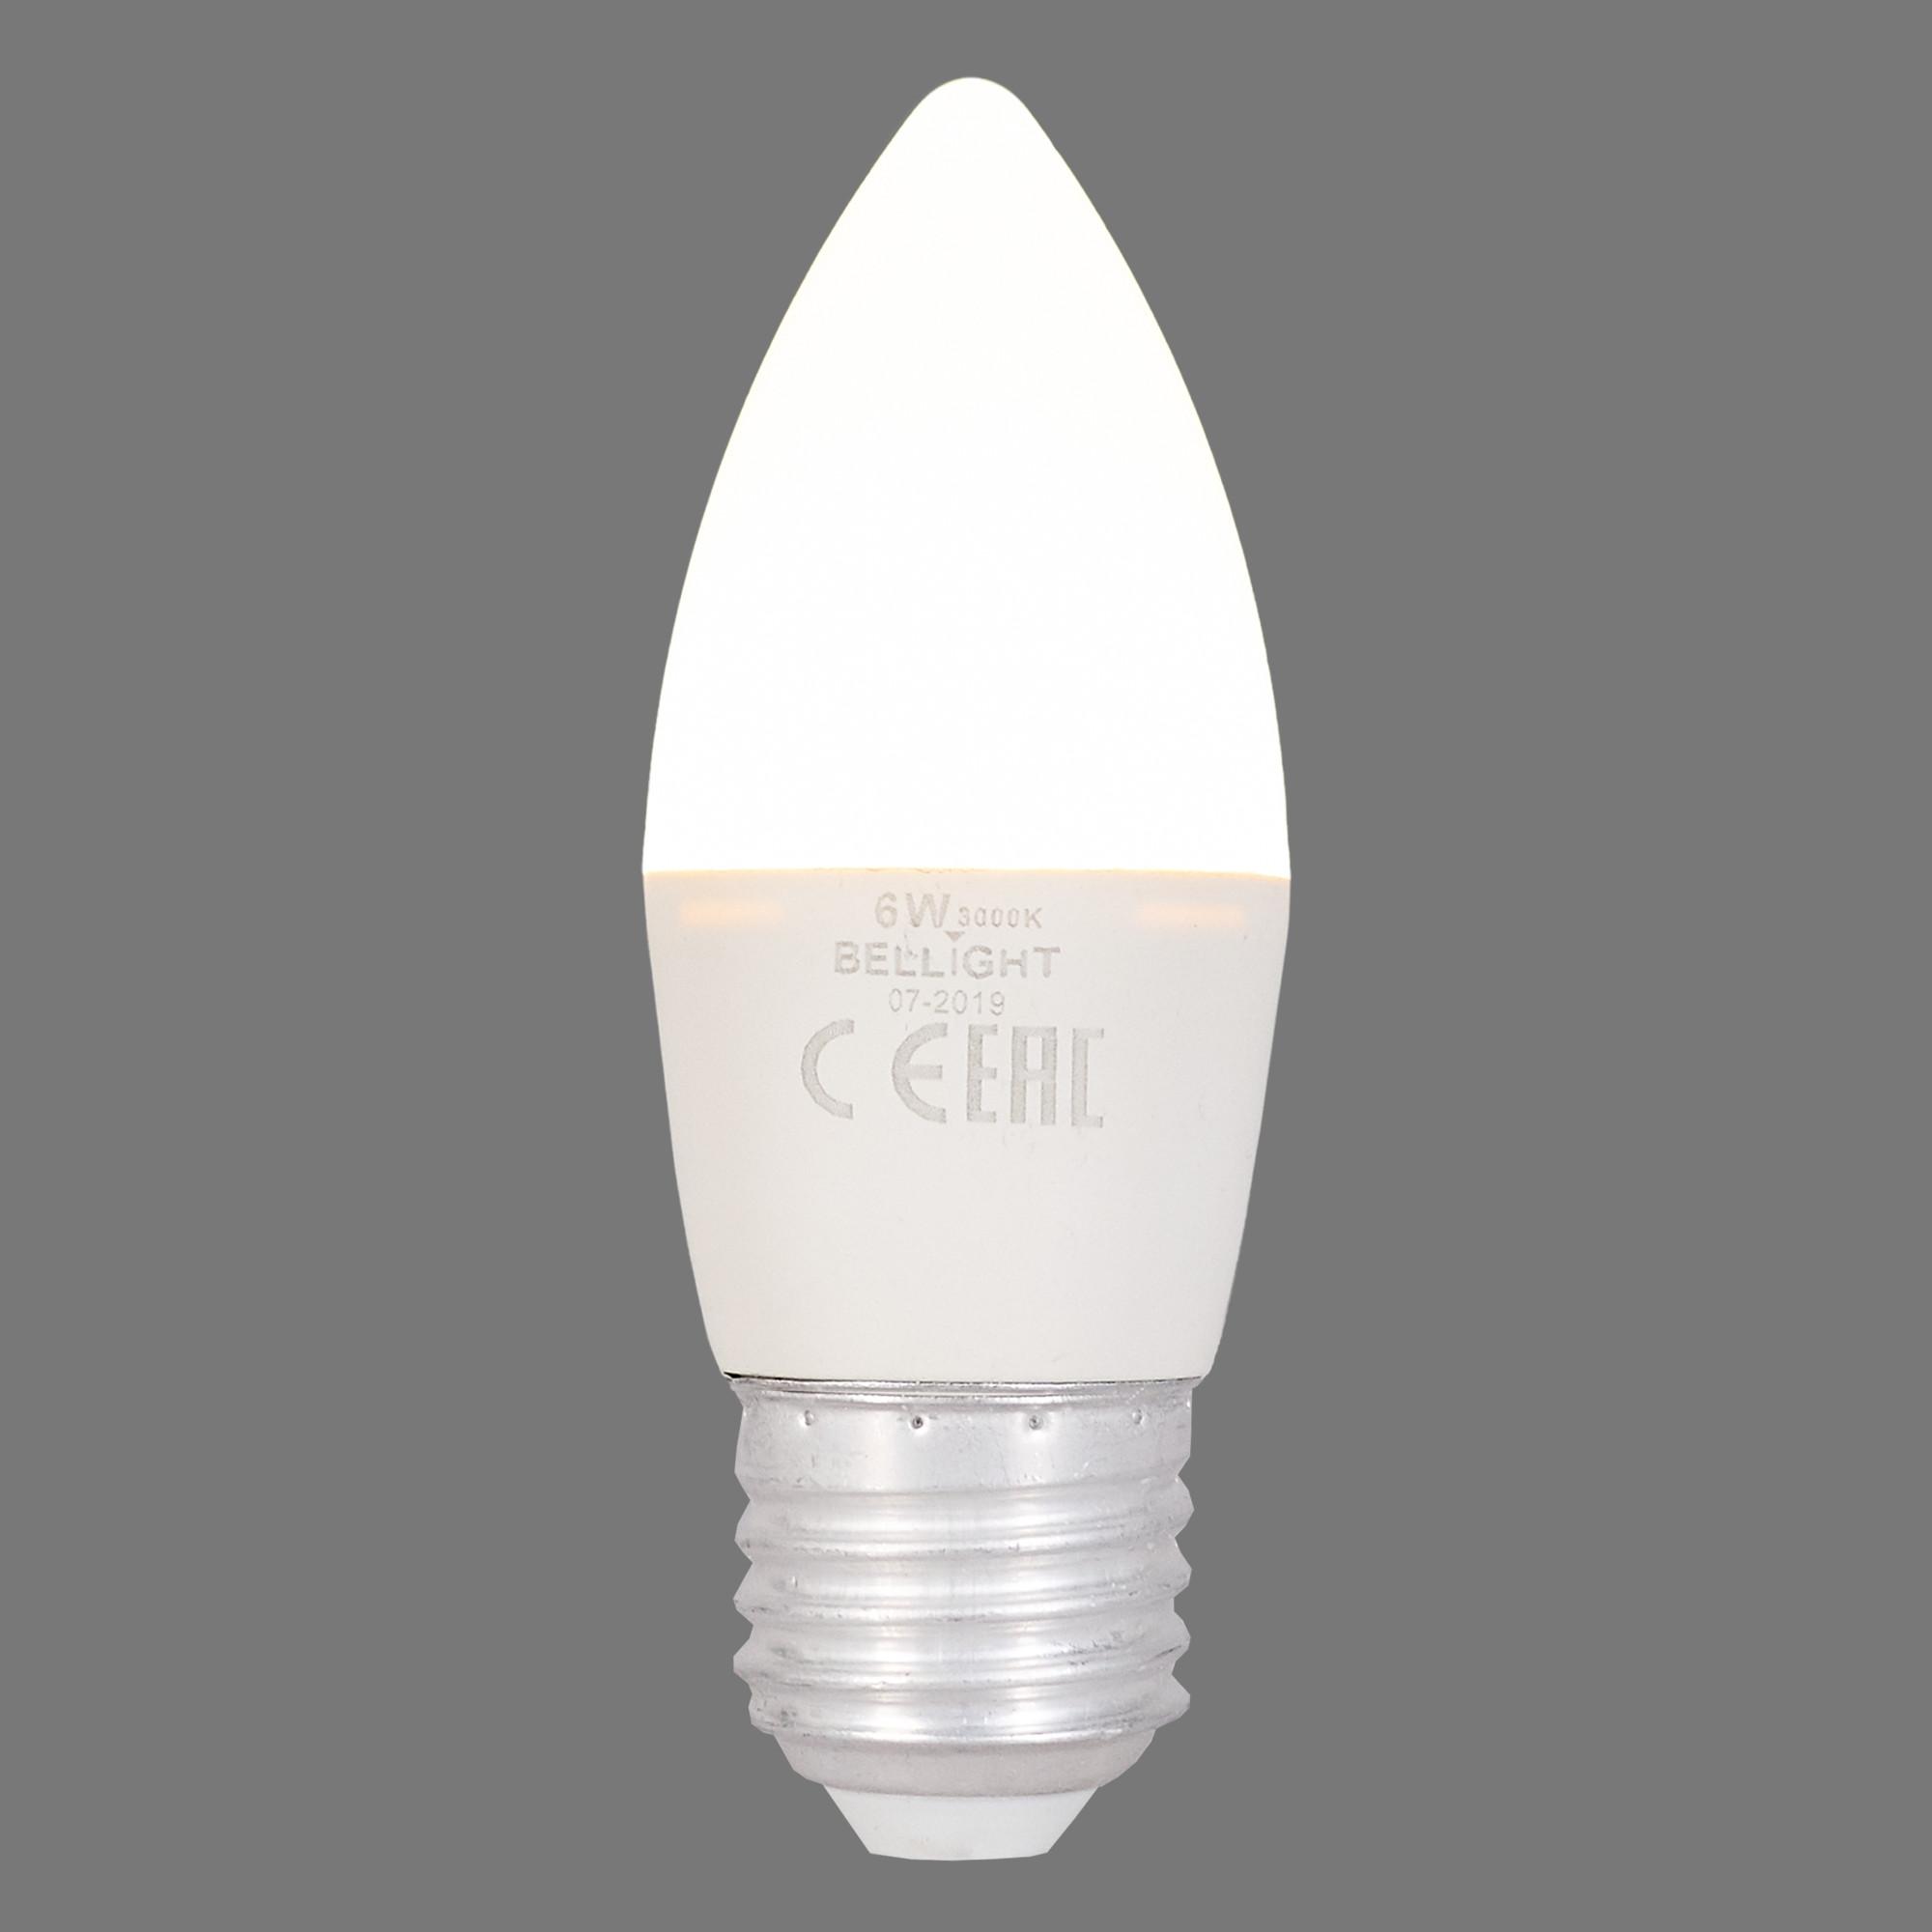 Лампа светодиодная Bellight E27 220-240 В 6 Вт свеча 480 лм тёплый белый свет